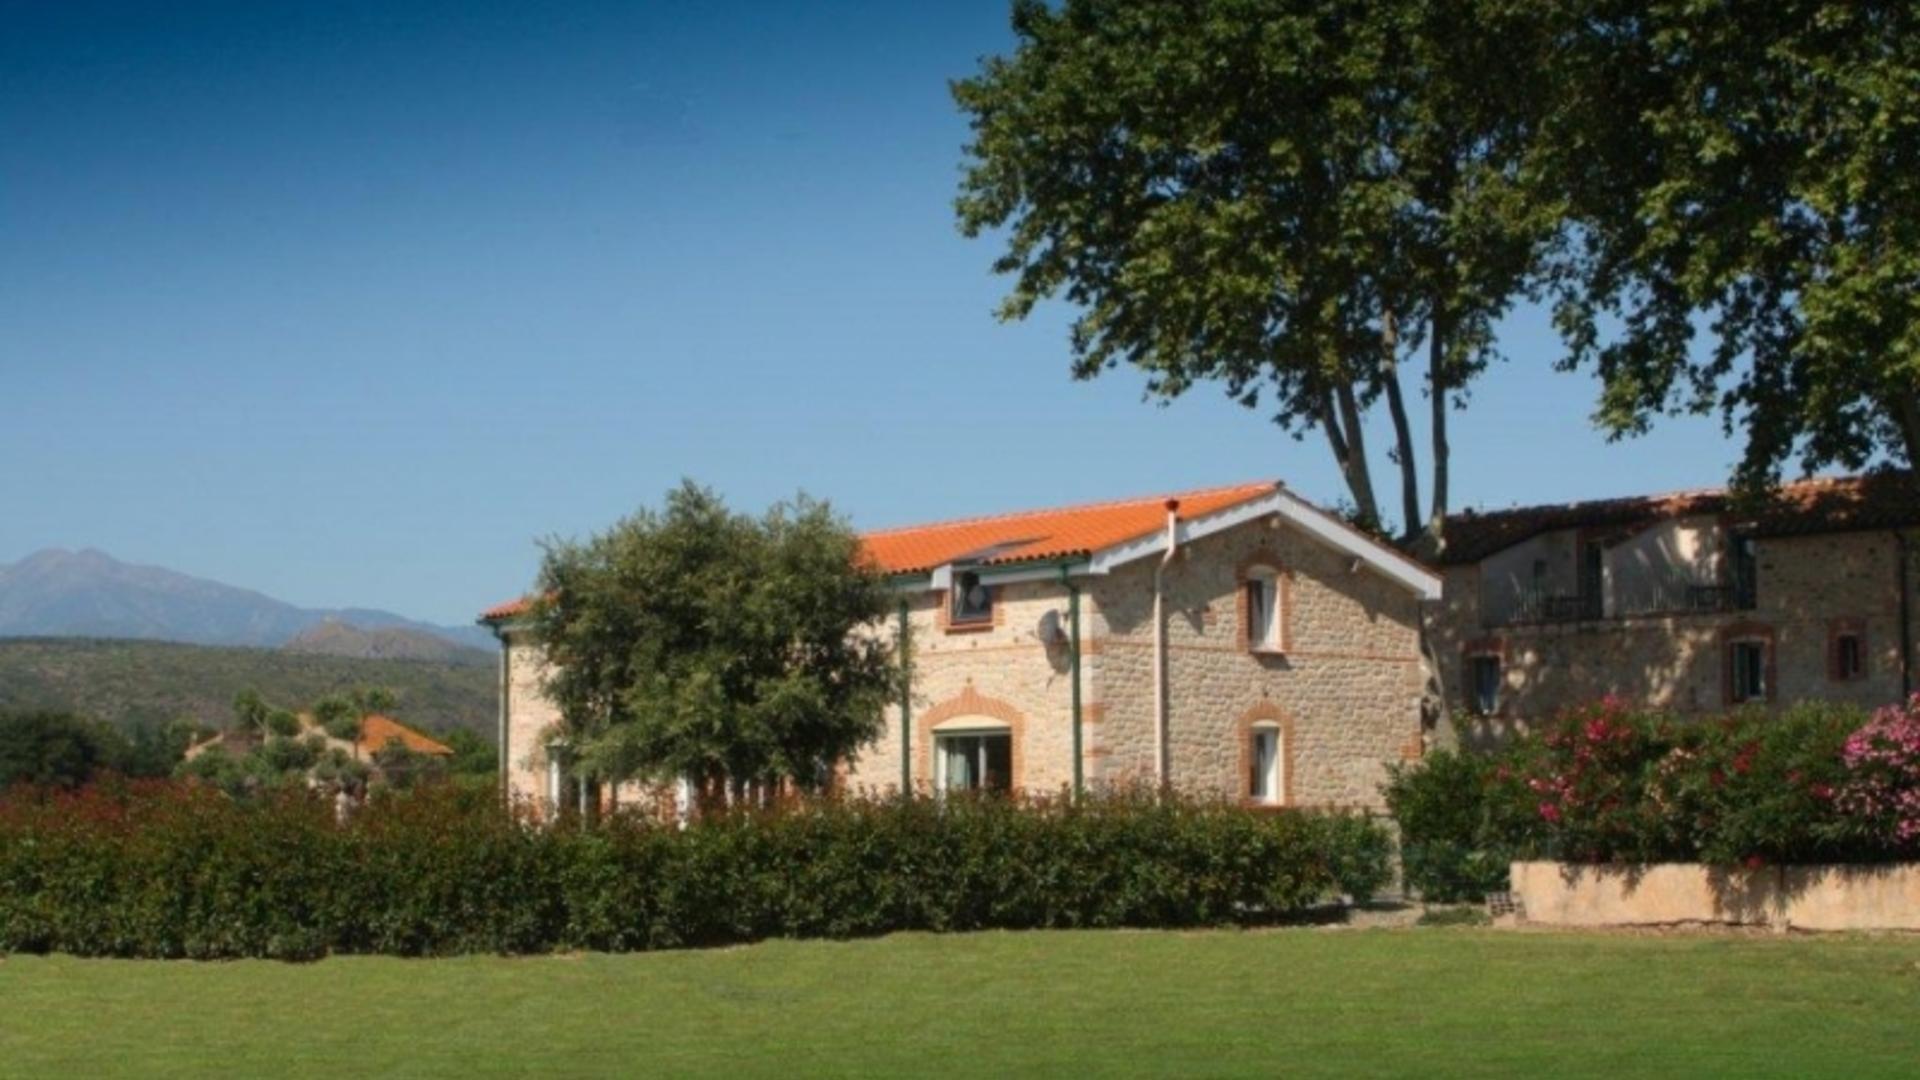 Private child-friendly villa in Languedoc-Rousillon - ADMM